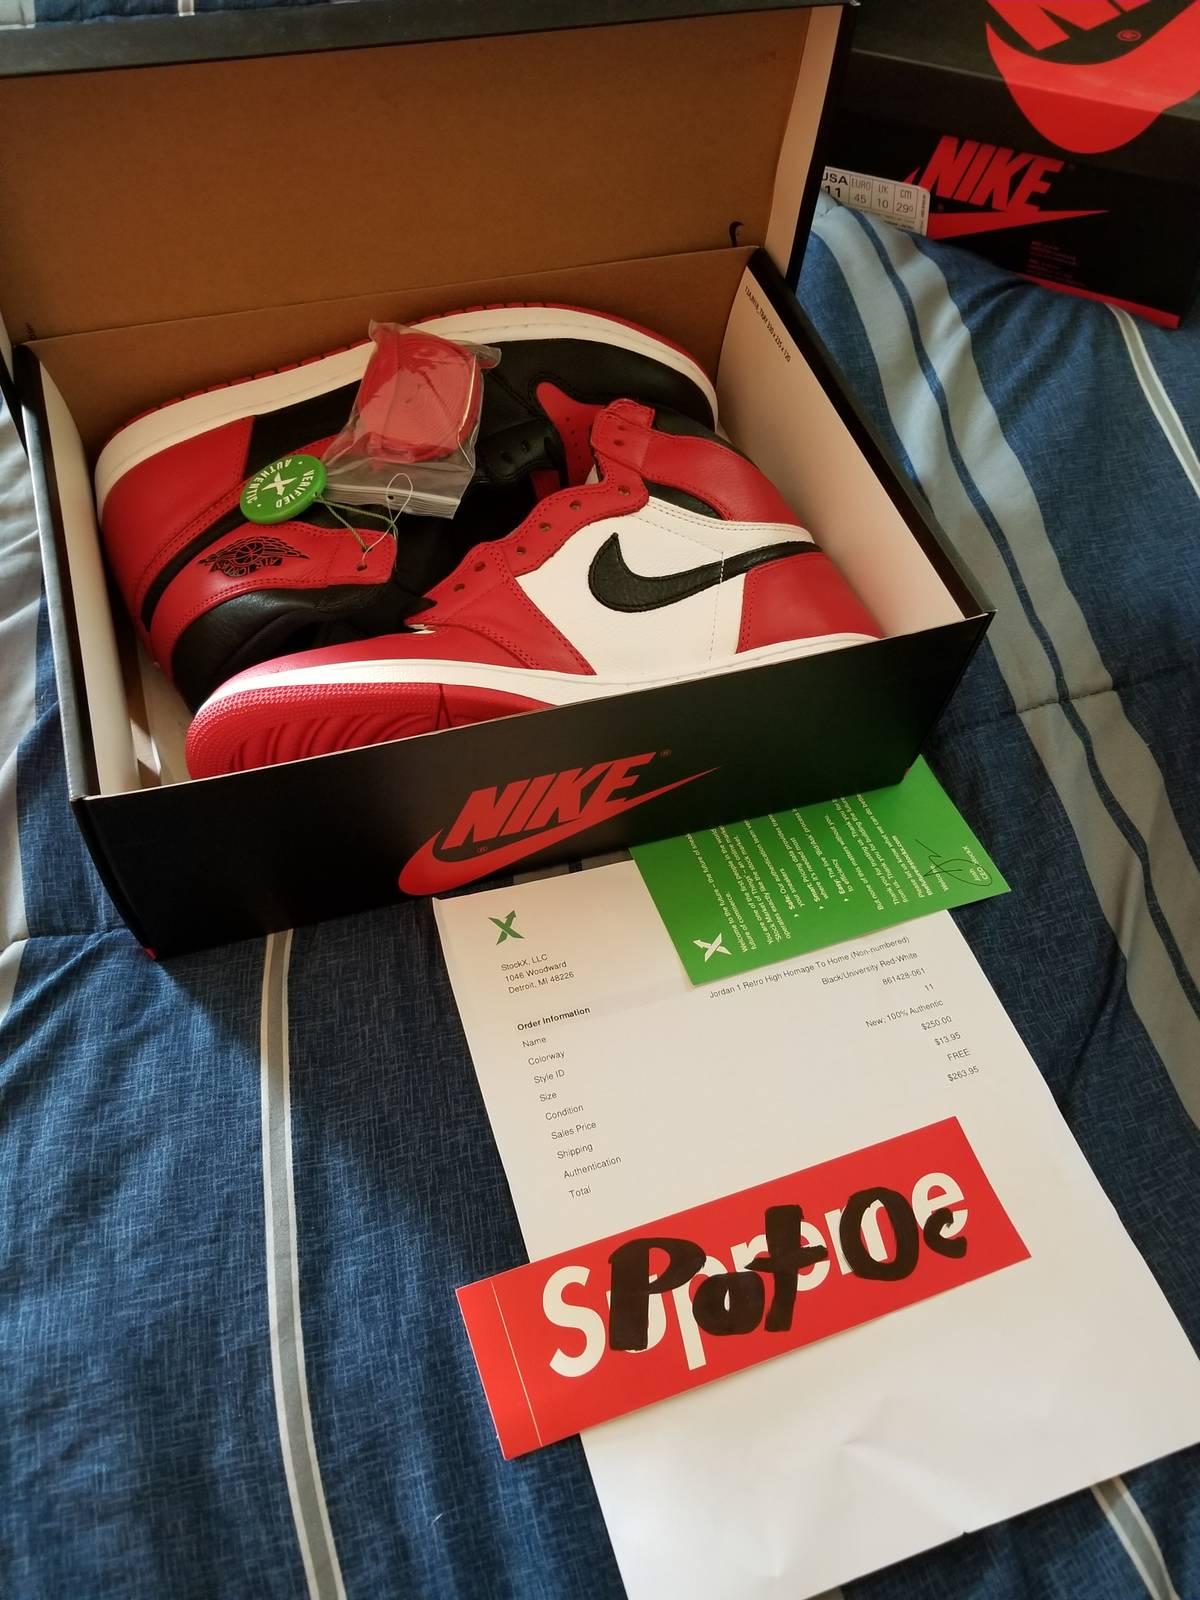 finest selection 7939b 5a665 Jordan Brand Jordan Retro One High Og Homage To Home Size 11 Ds Og All Size  11 $300